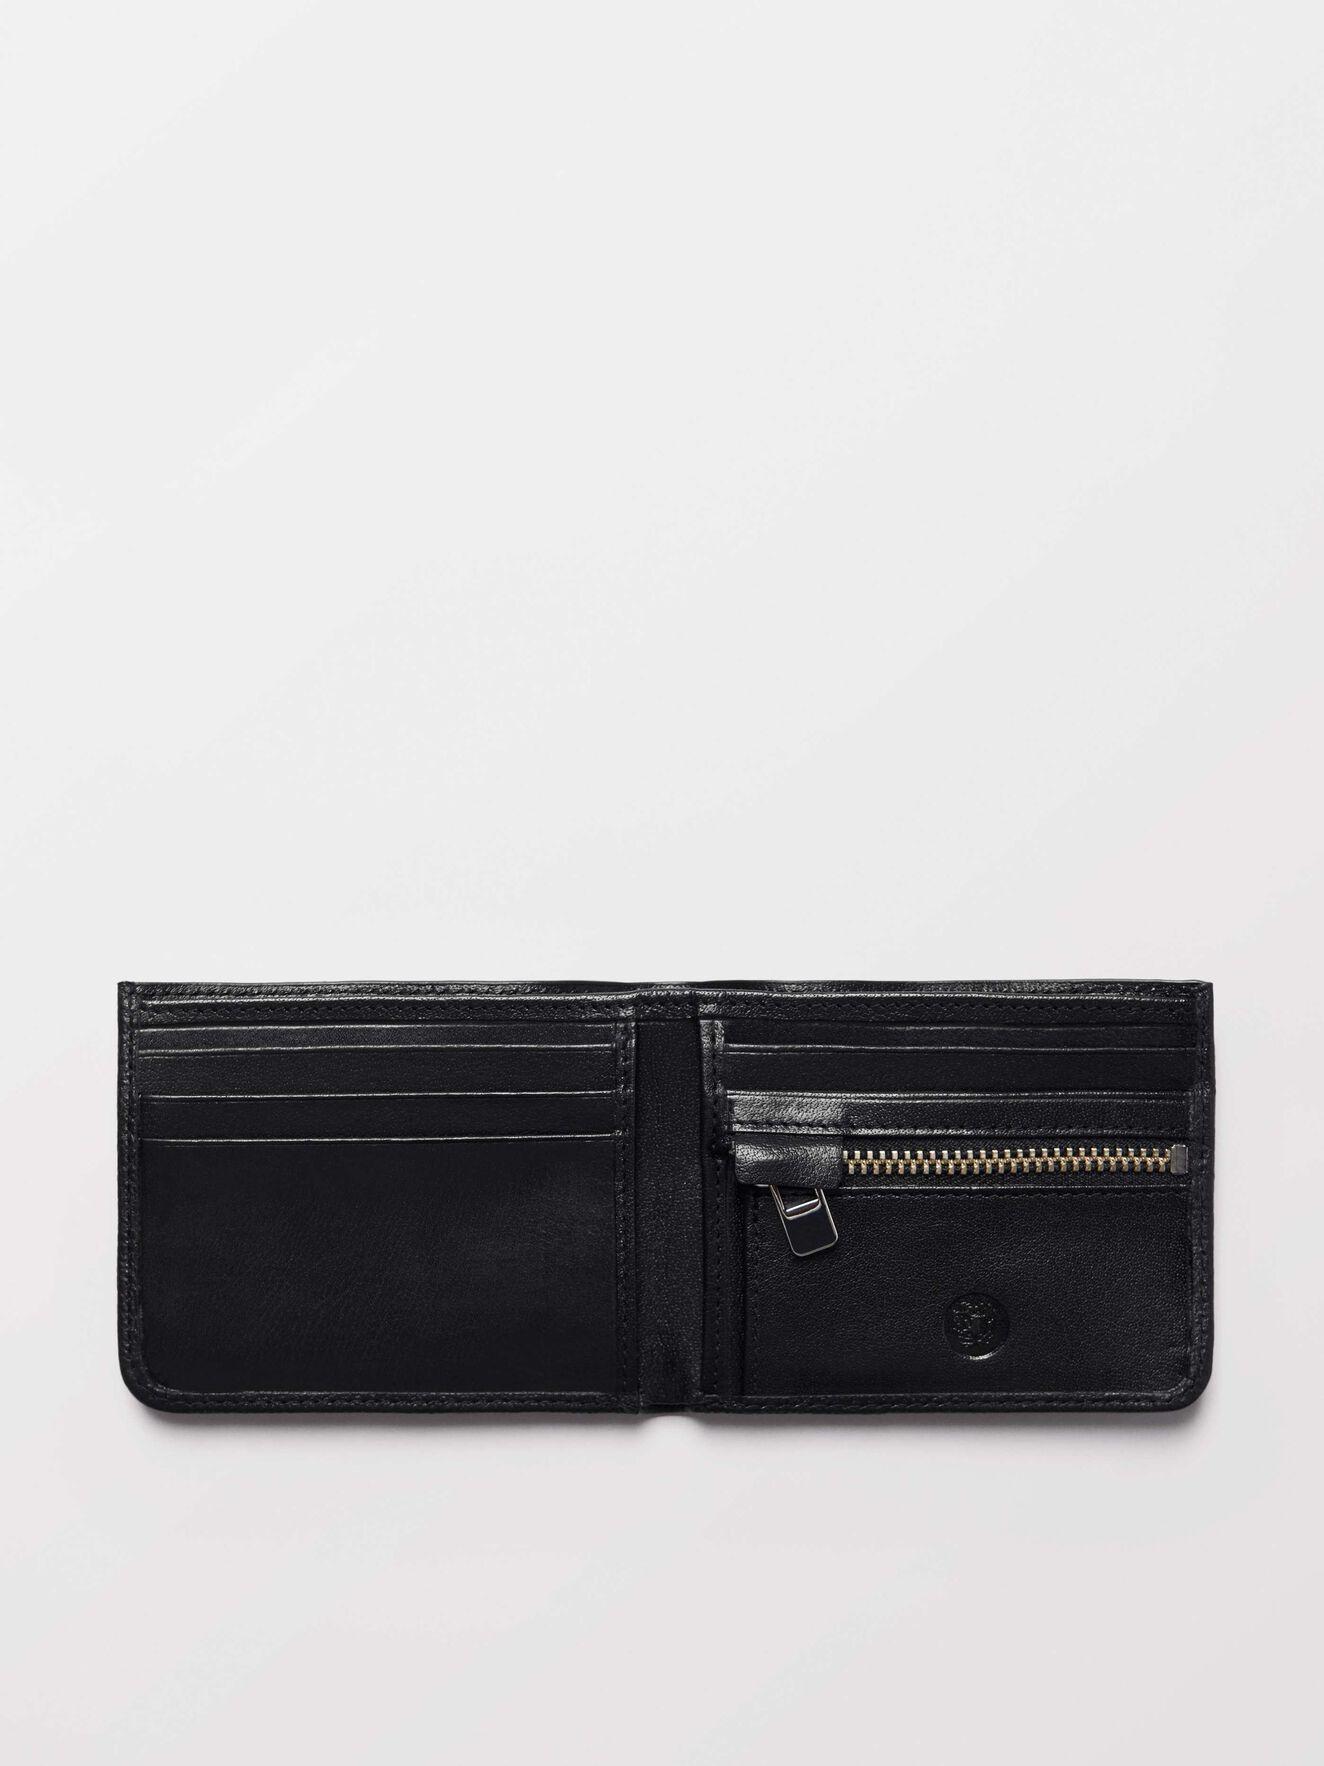 Zadkine Wallet in Black from Tiger of Sweden